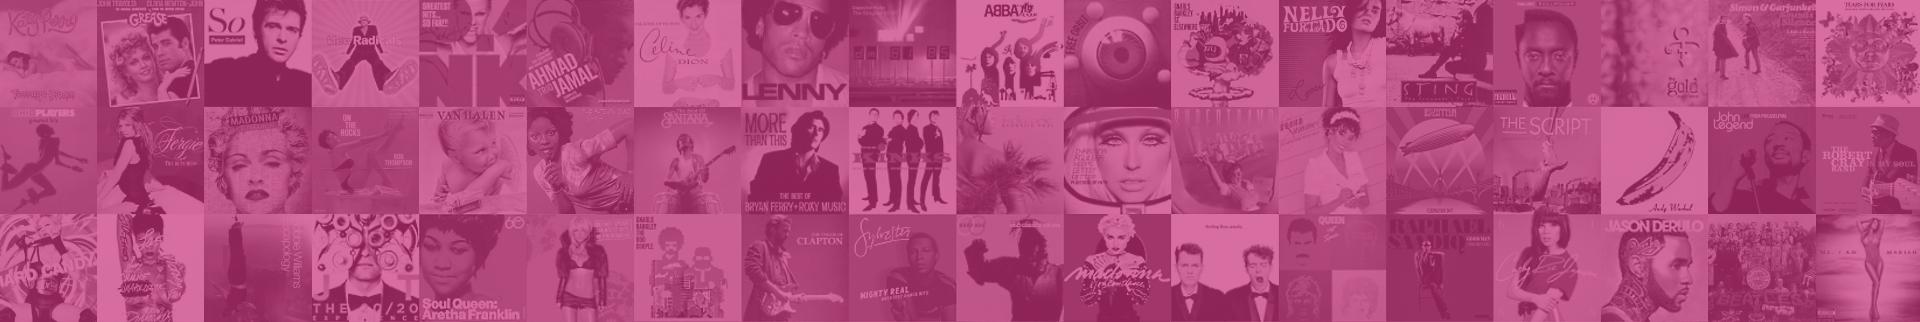 Musikquiz mest solgte